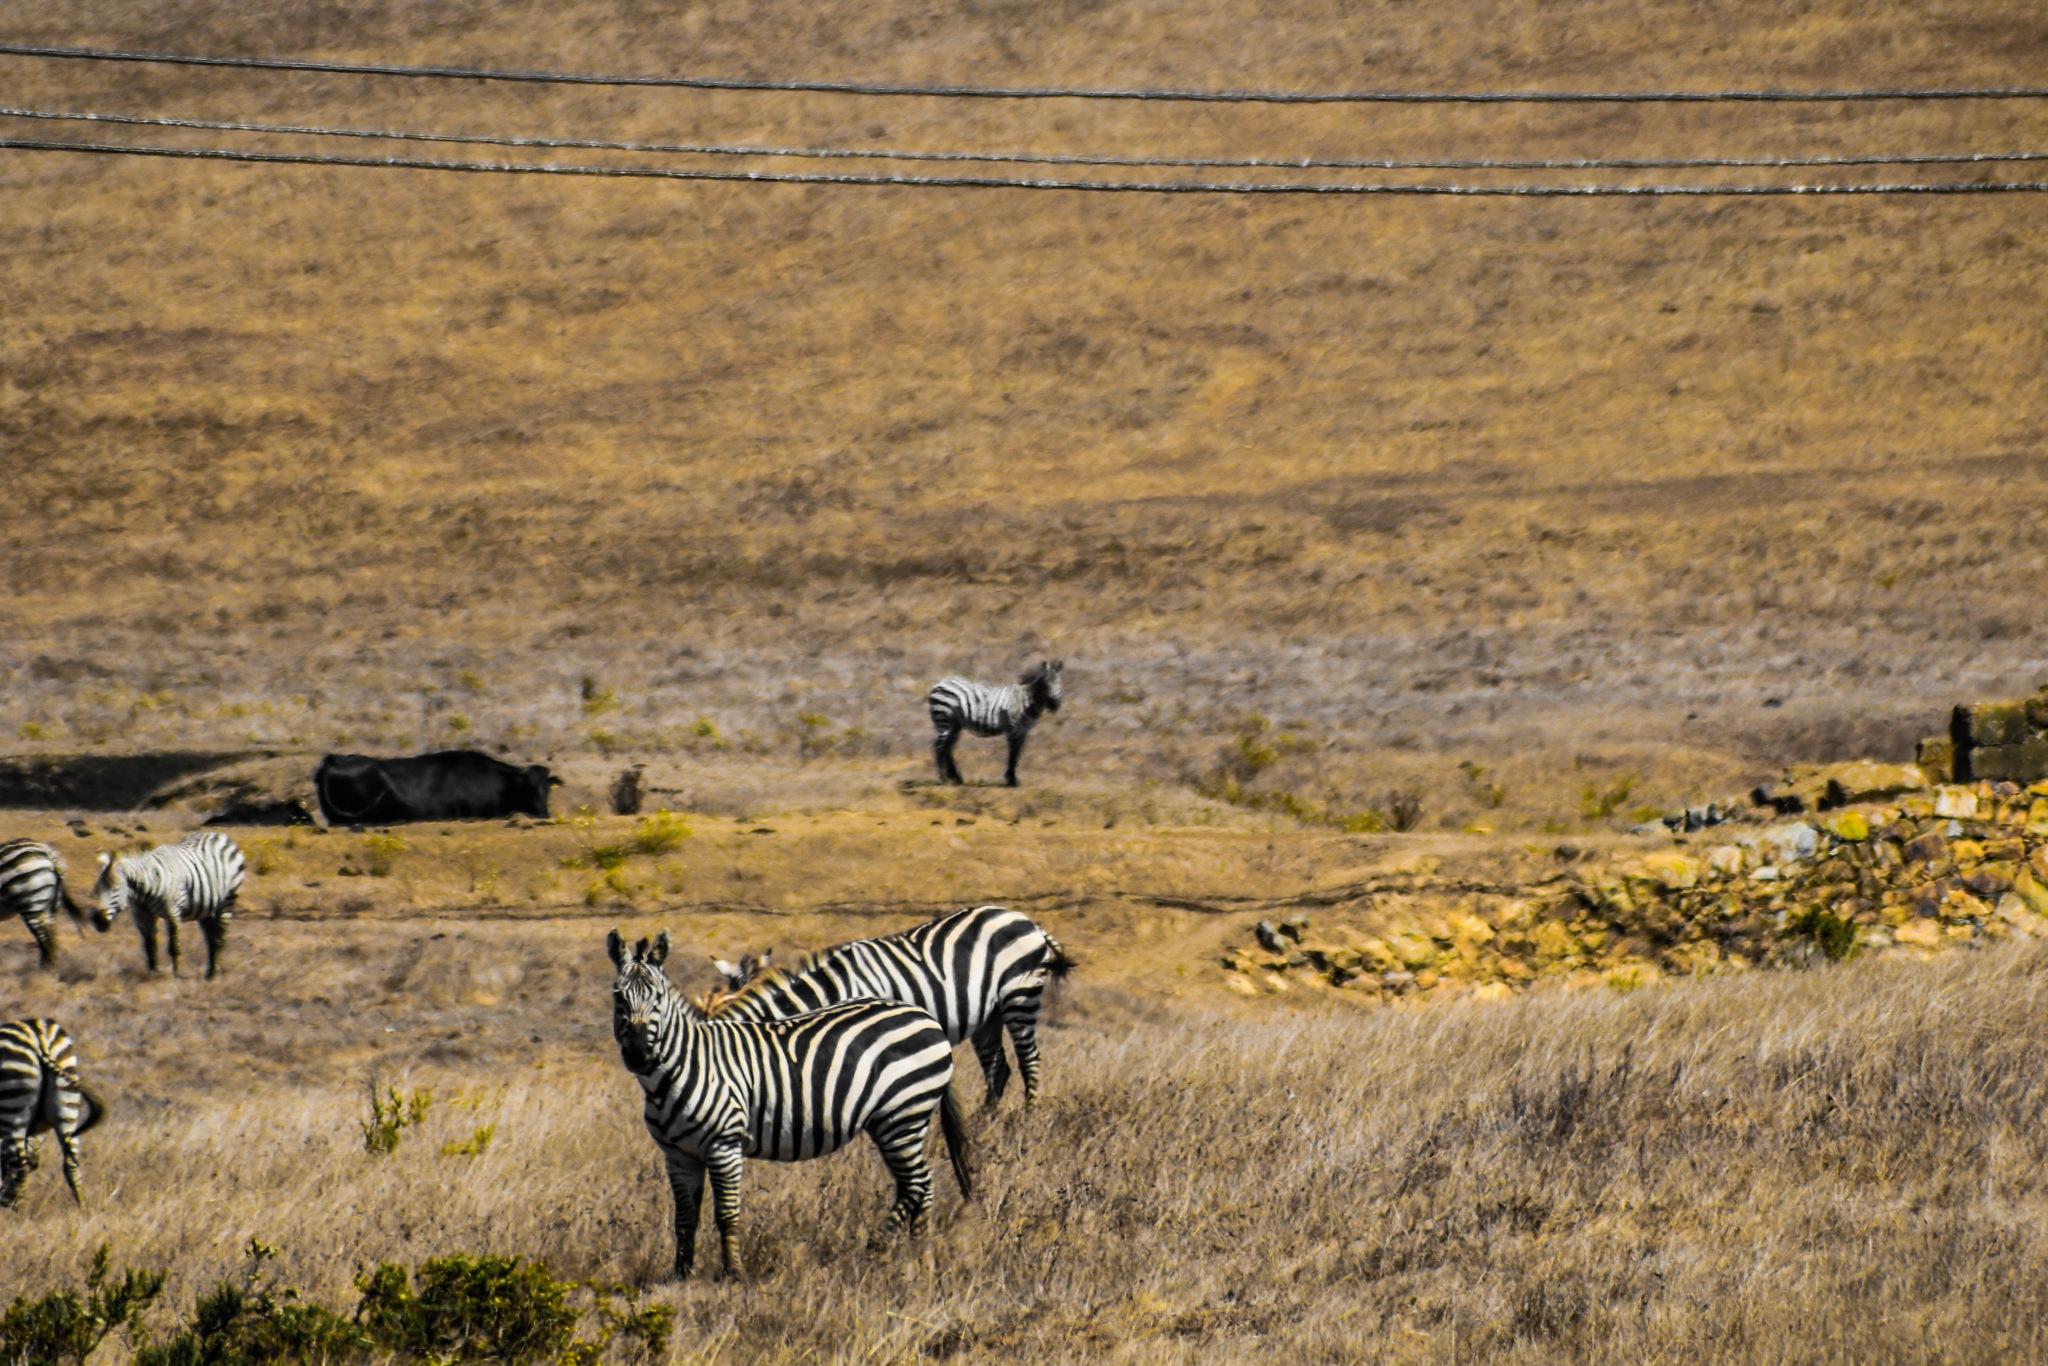 Wild California Zebra by Ted Fletcher